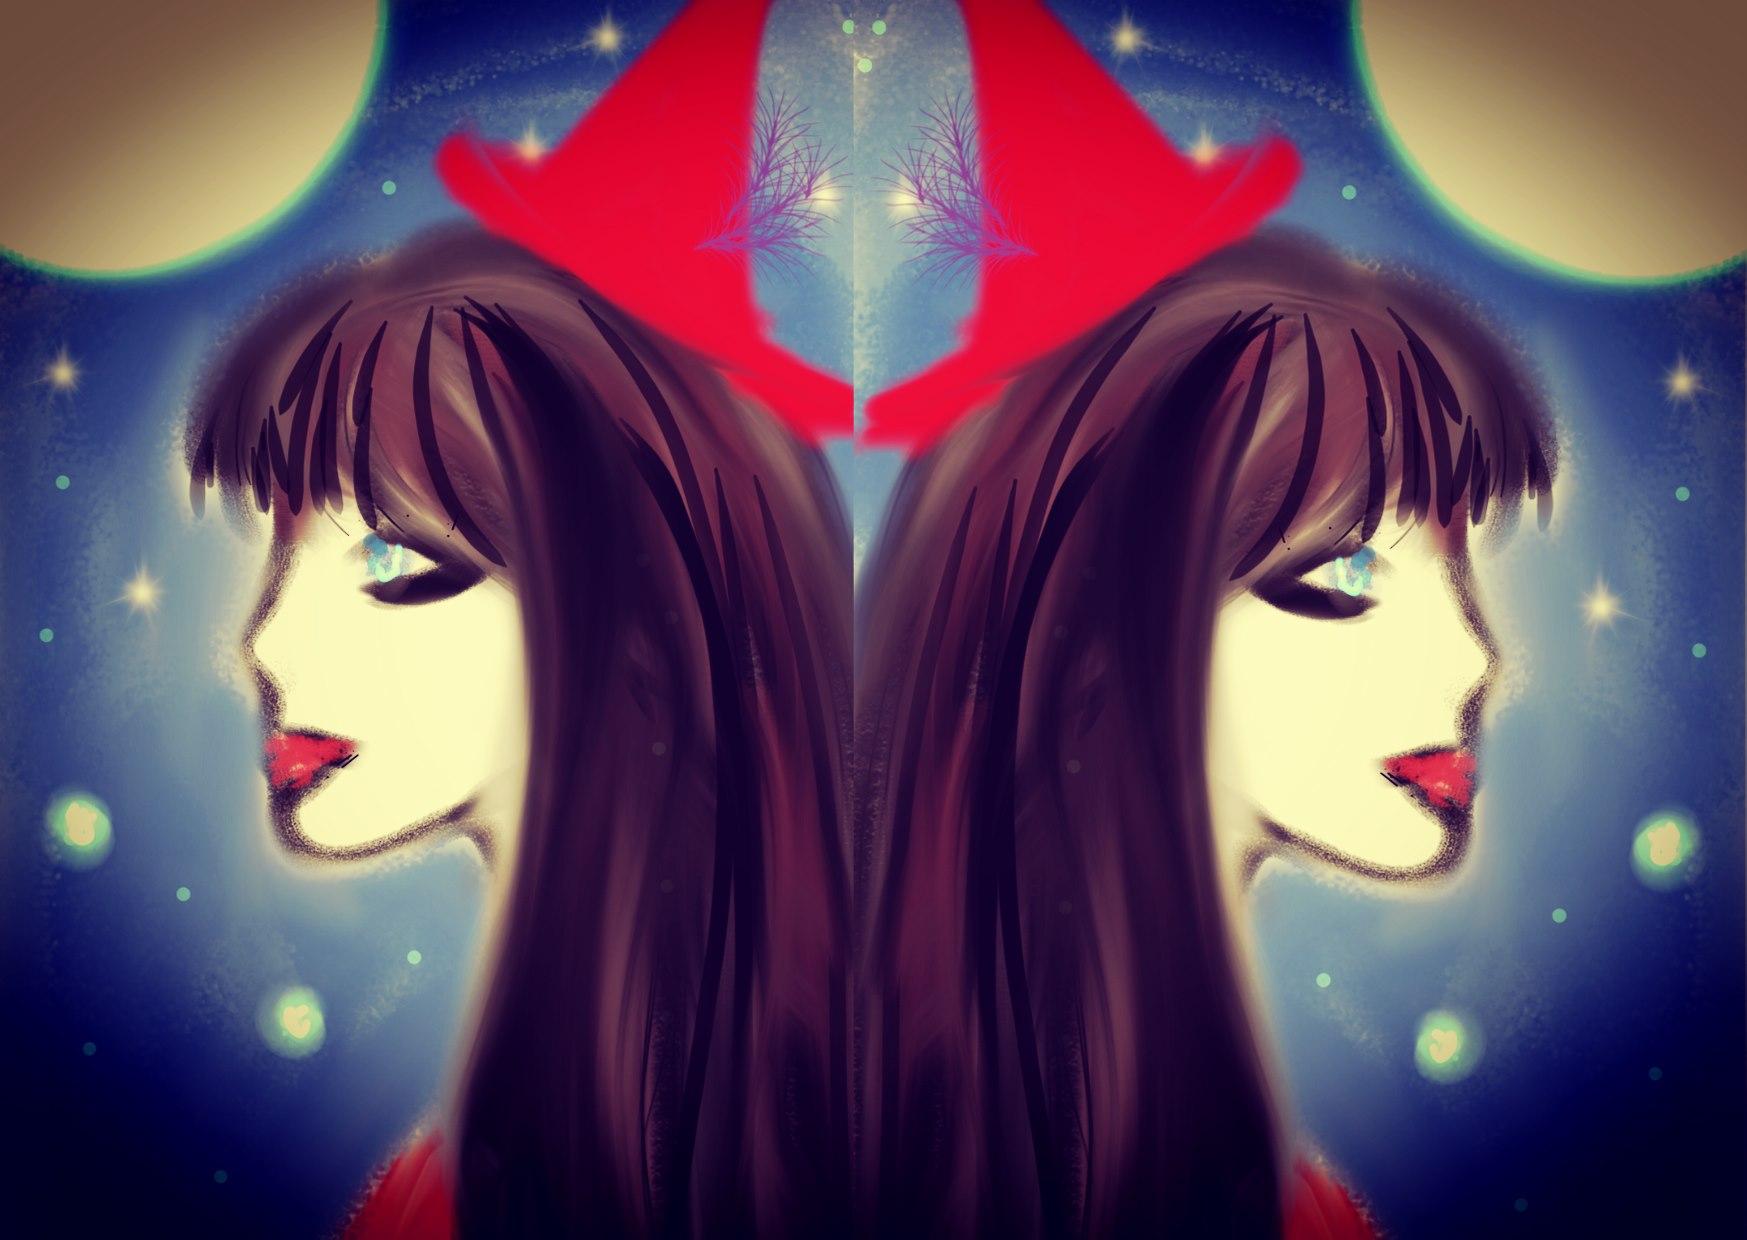 Spoooky Sorceress Art Gemini Full Moon